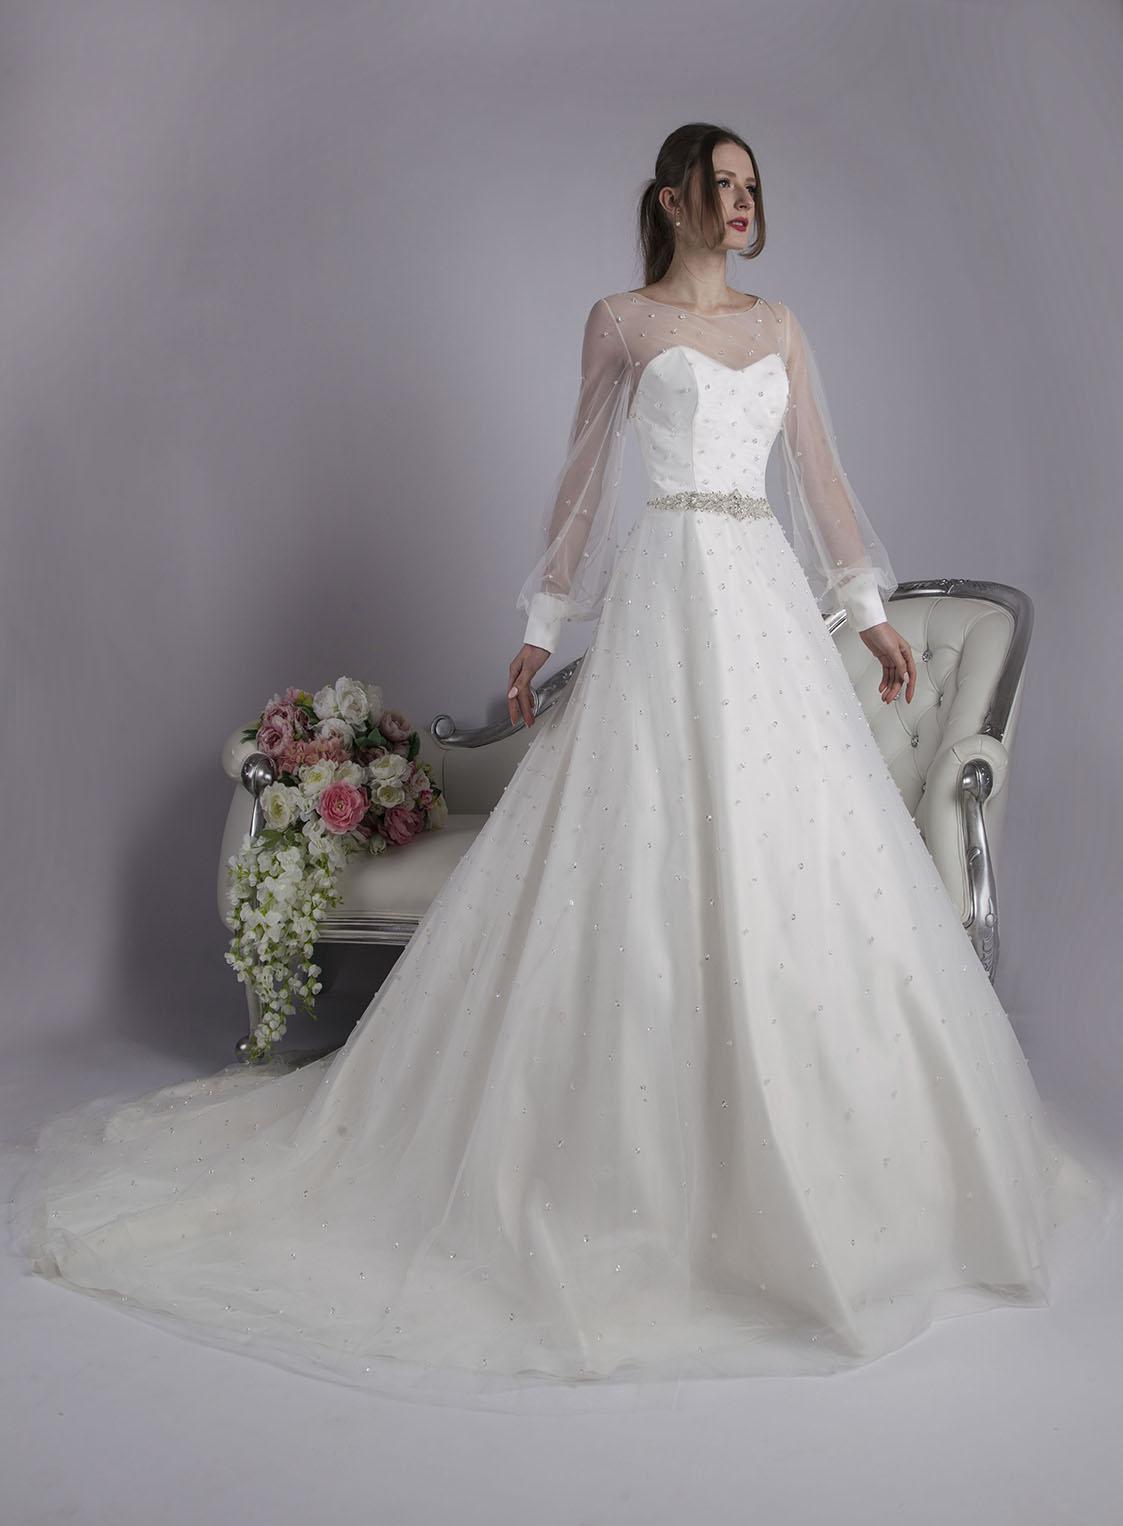 Svatební šaty pošité kamínky